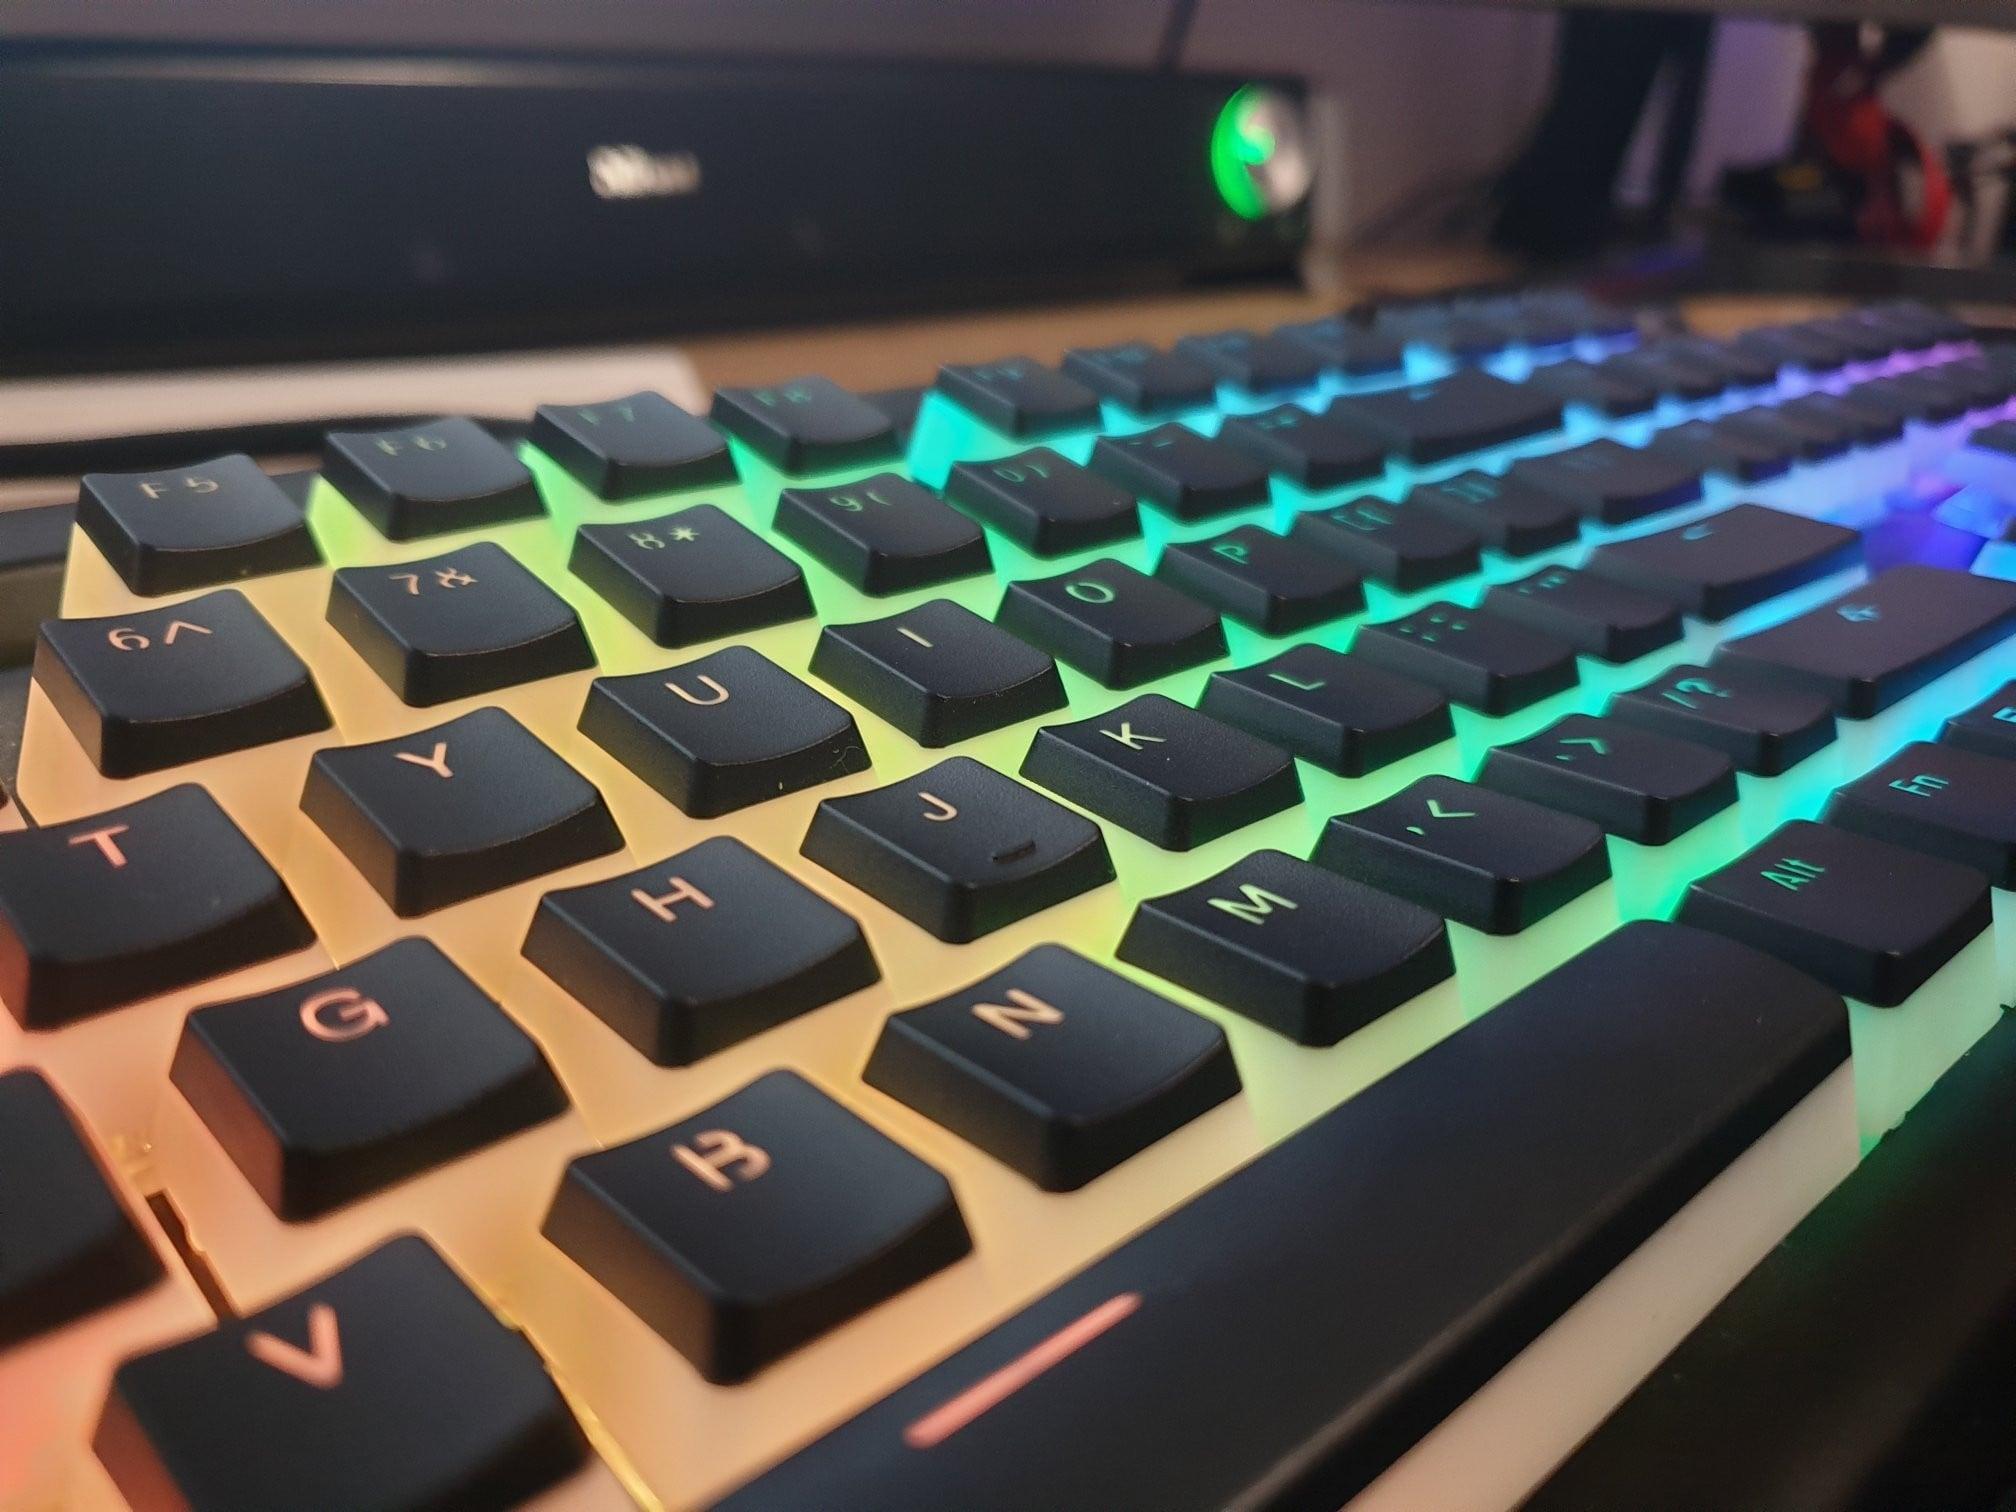 Nakładki HyperX sprawią, że podświetlana klawiatura będzie wyglądać jeszcze bardziej zjawiskowo 26